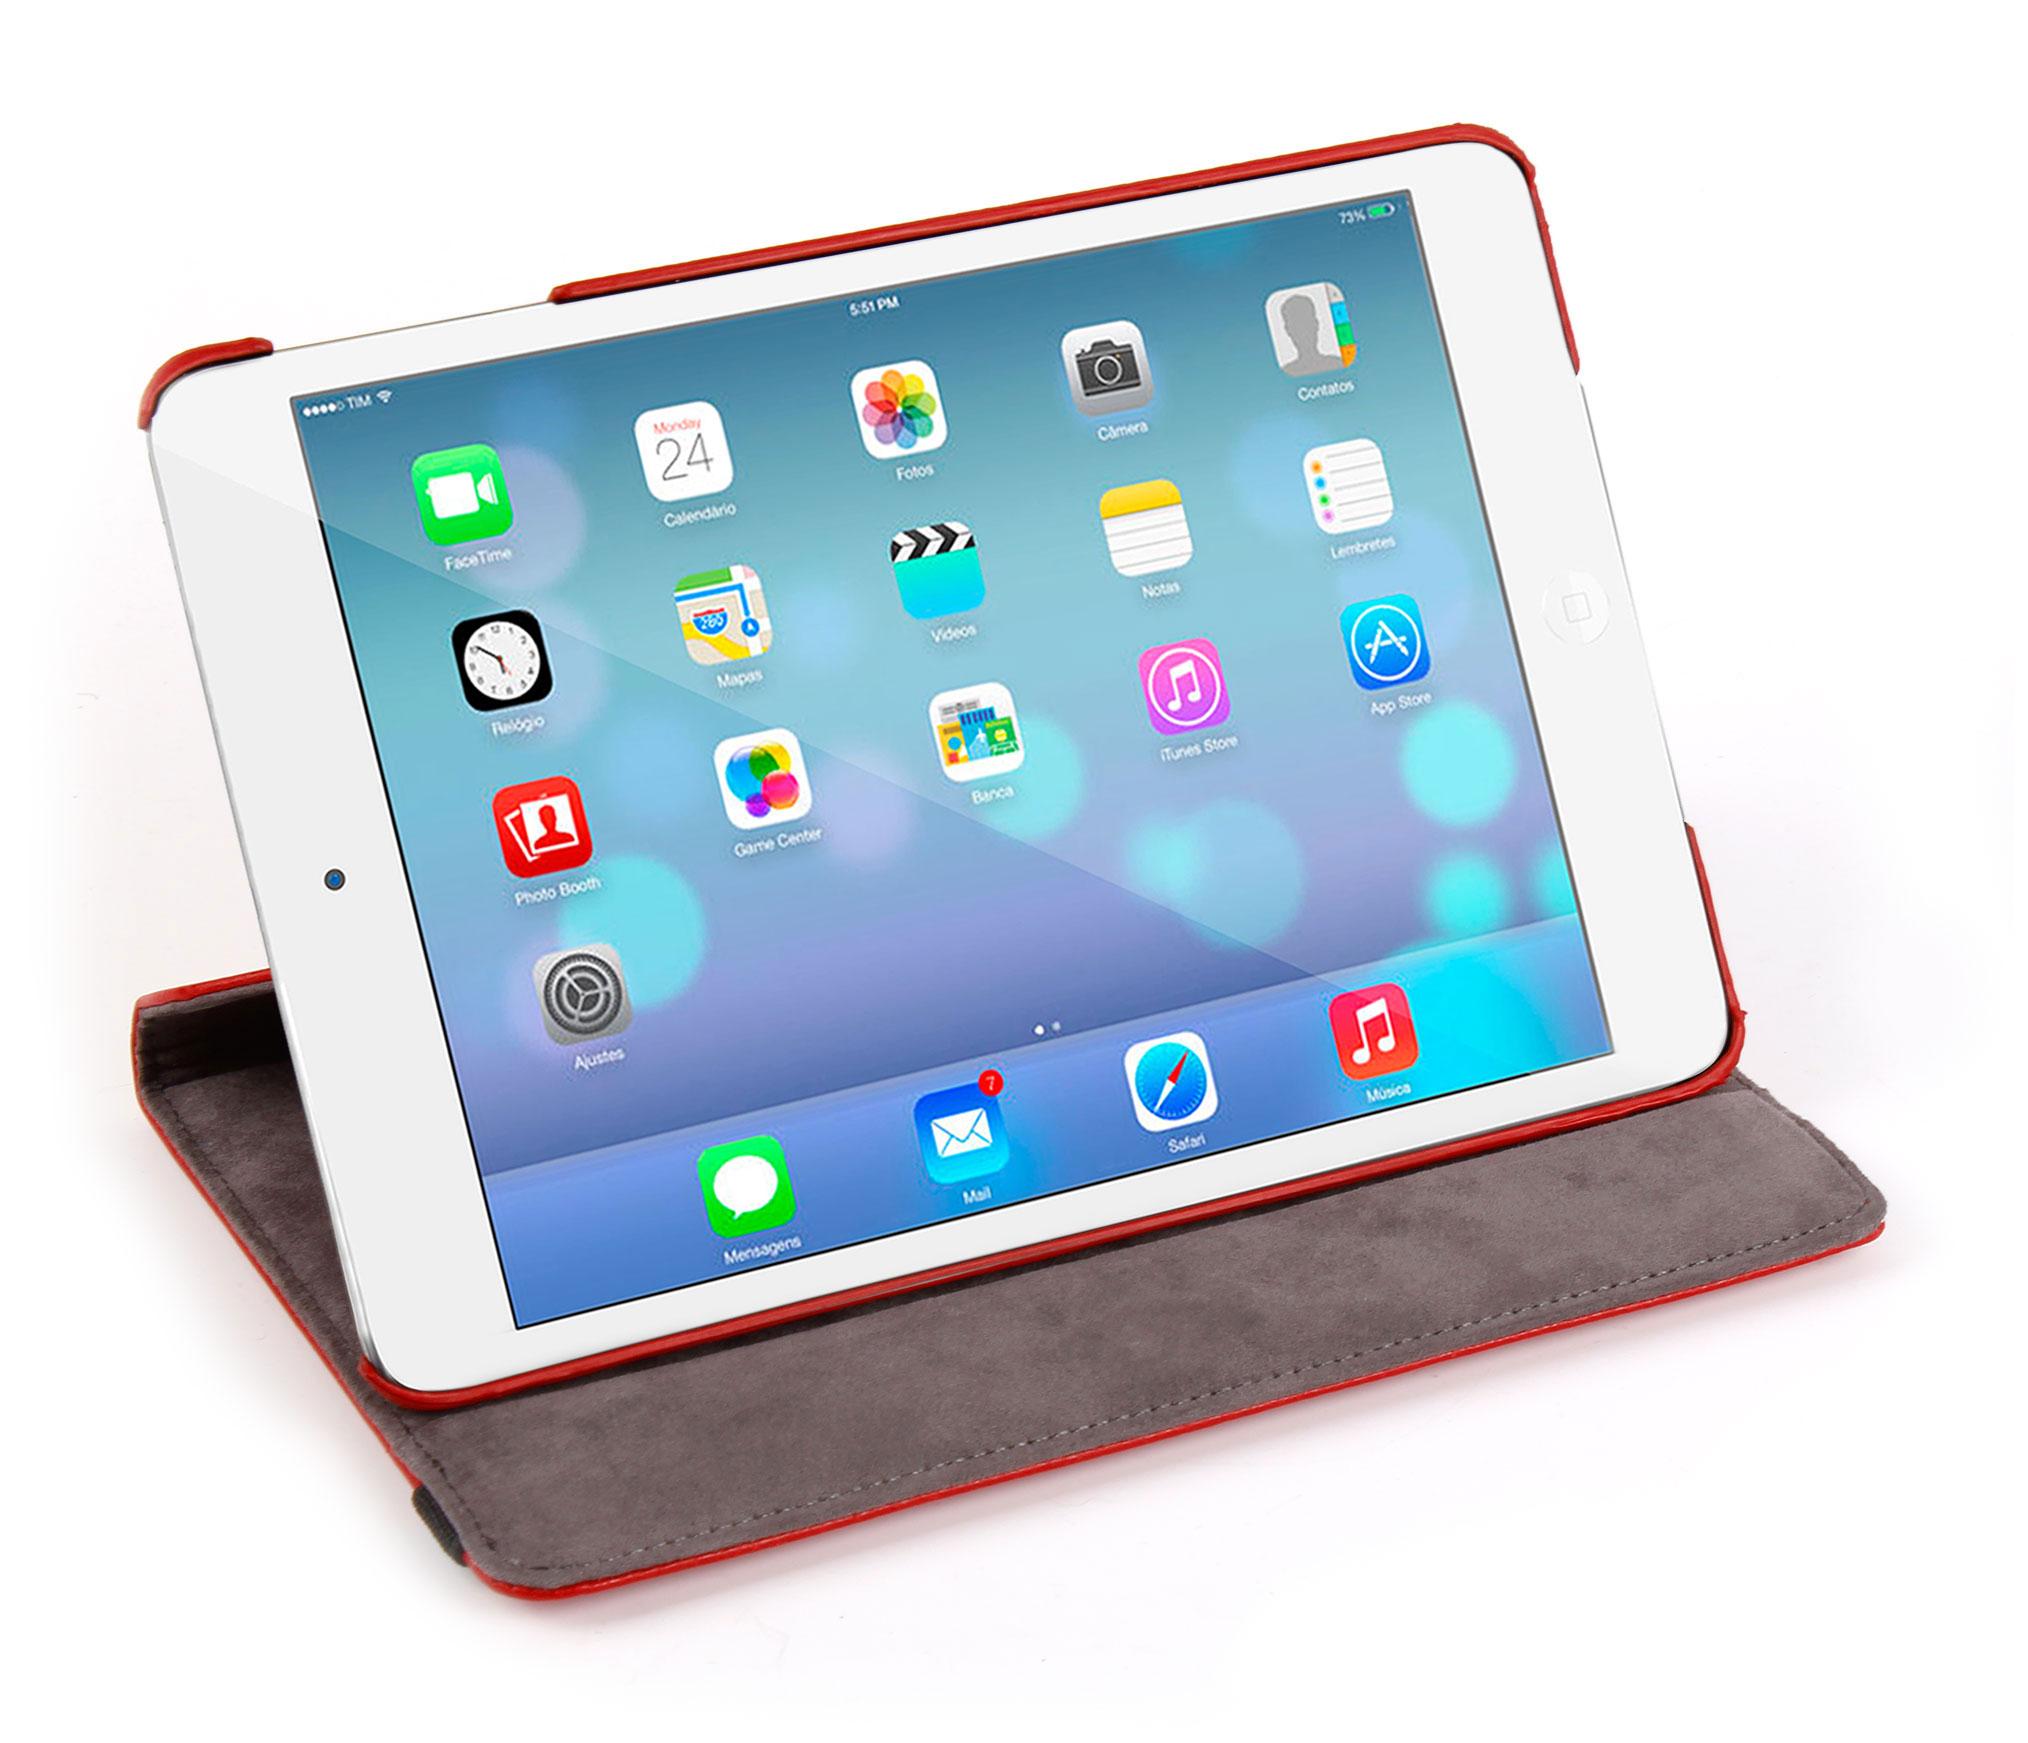 housse etui rouge pour apple ipad air tablette cran retina stylet 2 en 1 noir ebay. Black Bedroom Furniture Sets. Home Design Ideas